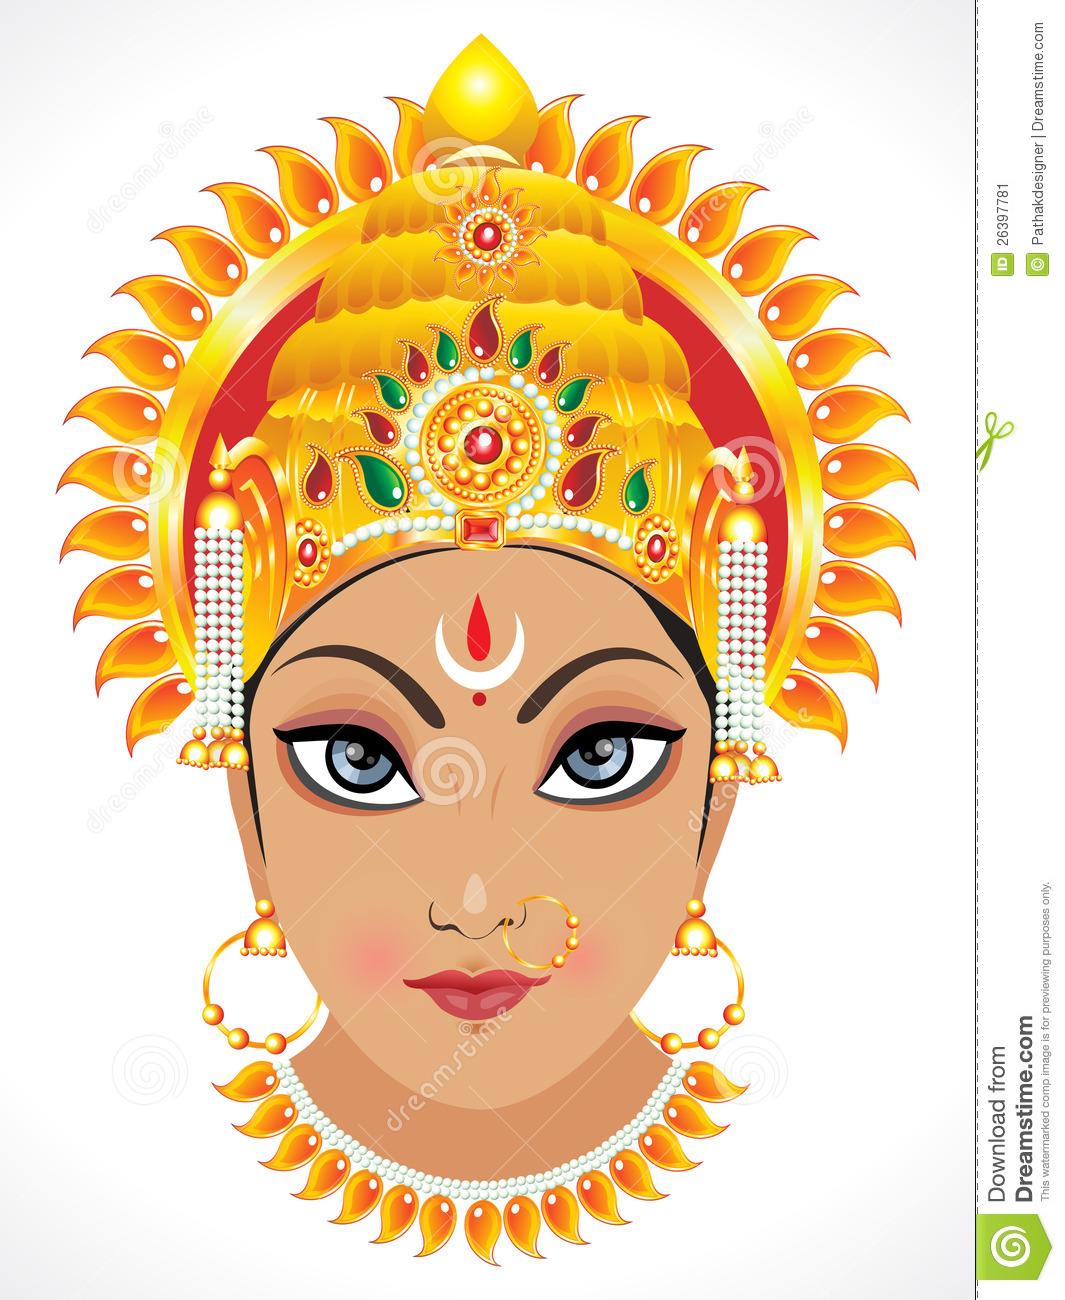 Abstract Goddess Durga Face Stock Vector-Abstract Goddess Durga Face Stock Vector - Illustration of clip, kali:  26397781-19